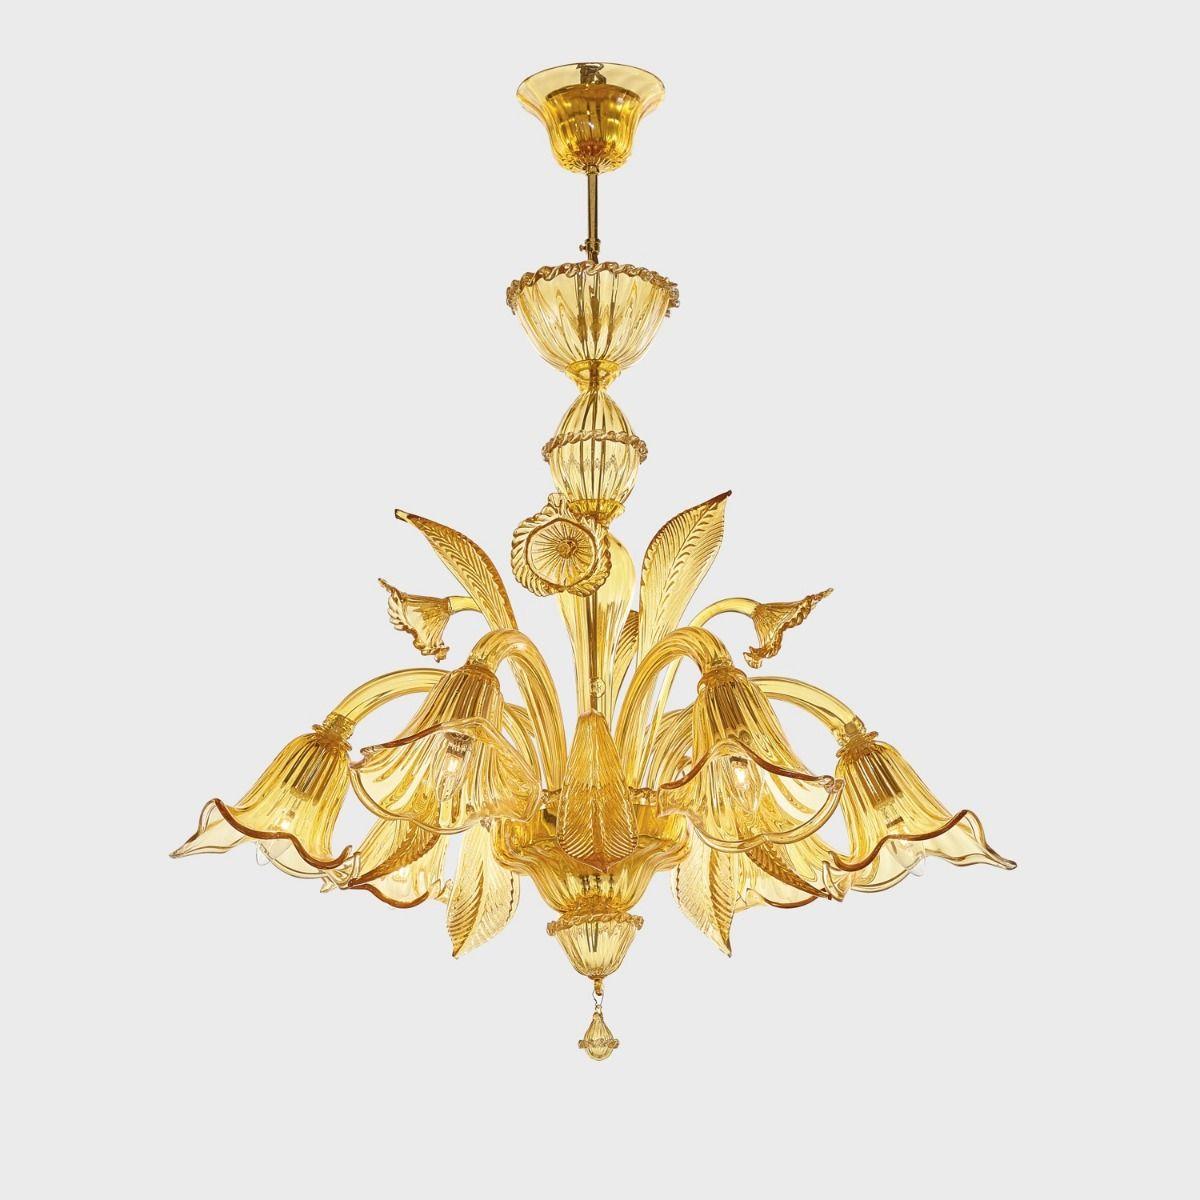 Lampadari in vetro di Murano: la loro realizzazione